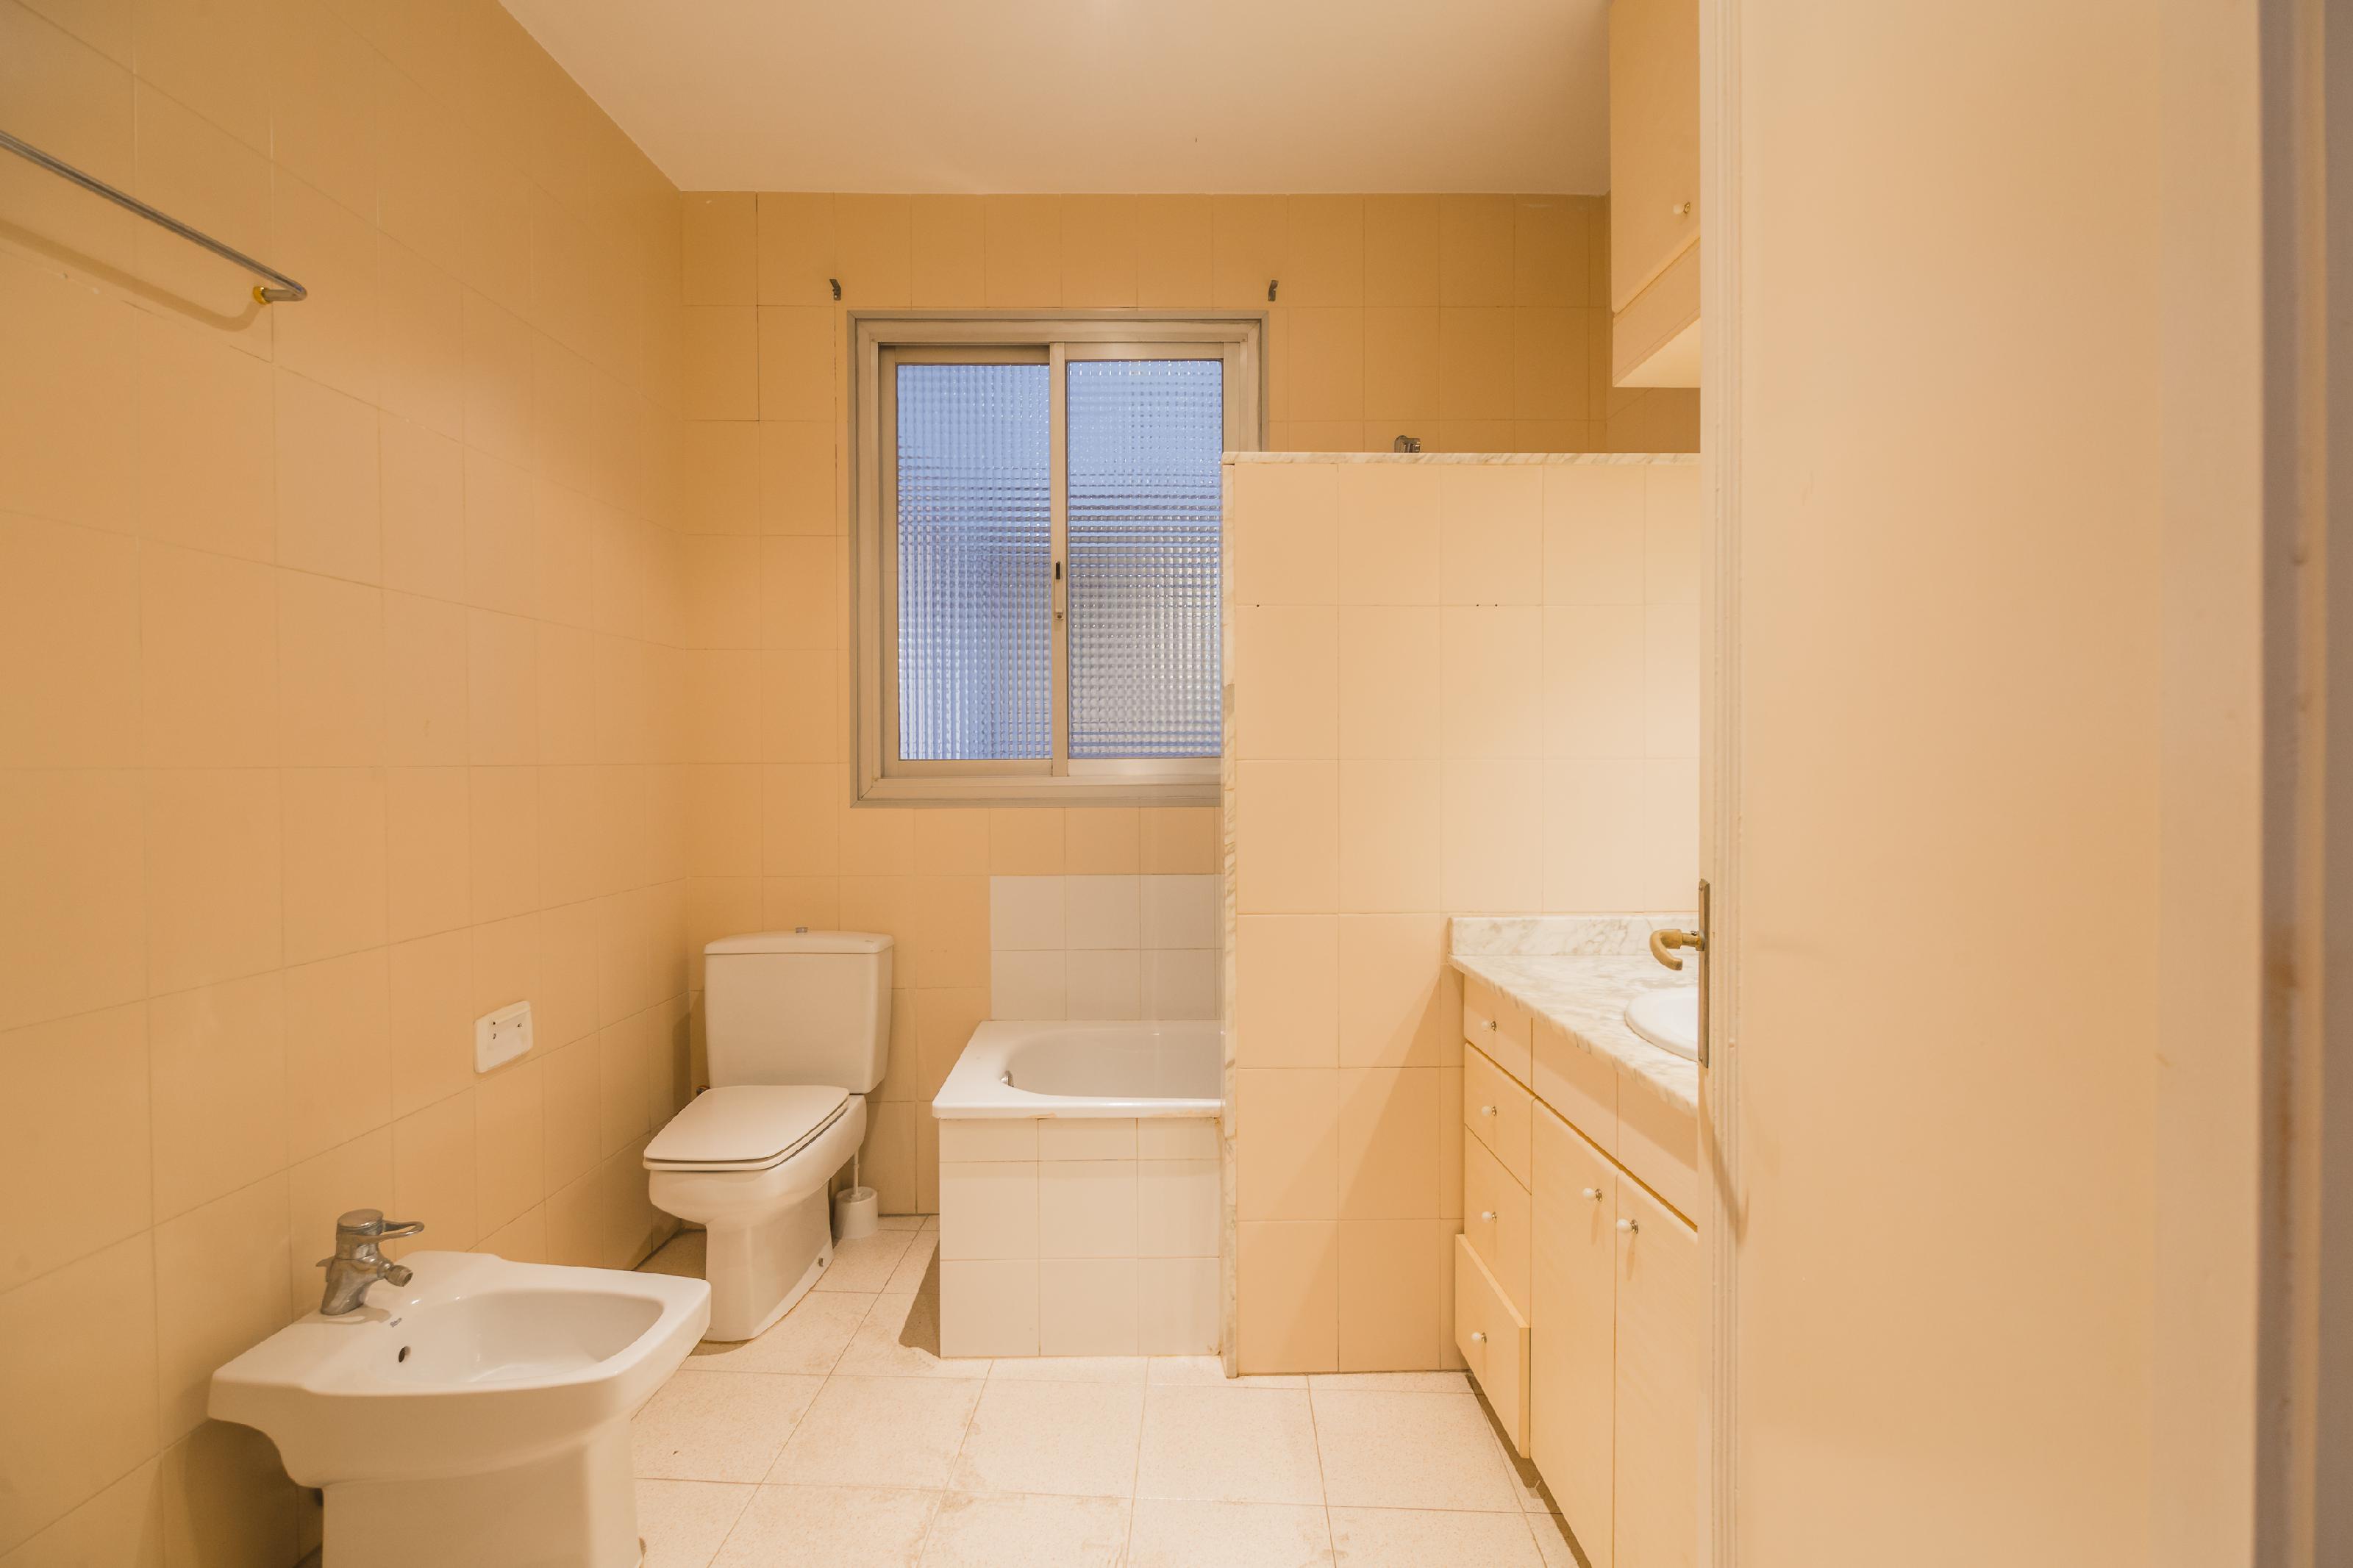 246347 Flat for sale in Sarrià-Sant Gervasi, St. Gervasi-Bonanova 18